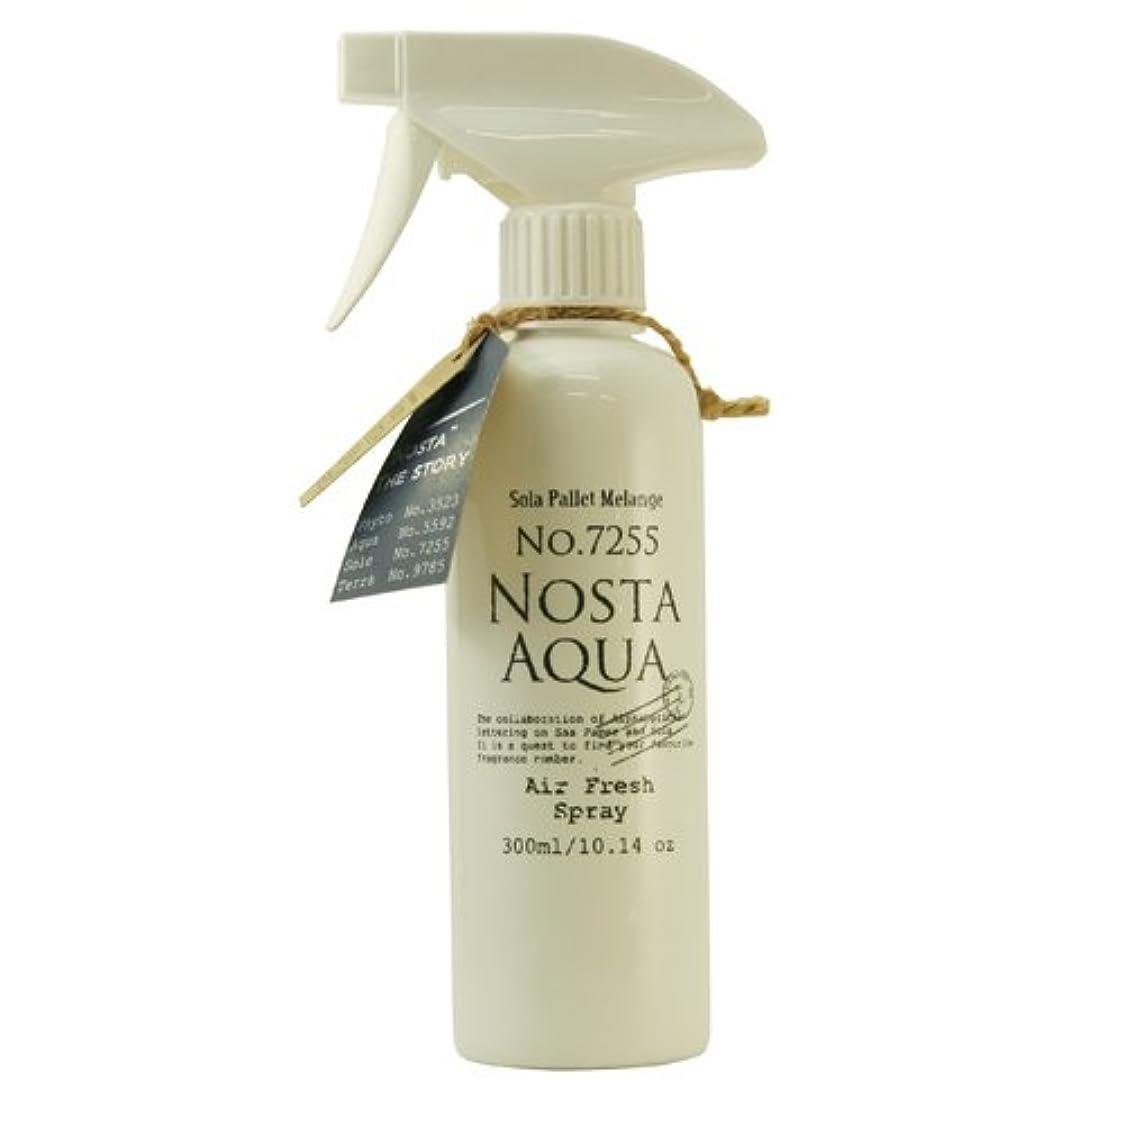 付録操作ライターNosta ノスタ Air Fresh Spray エアーフレッシュスプレー(ルームスプレー)Aqua アクア / 生命の起源